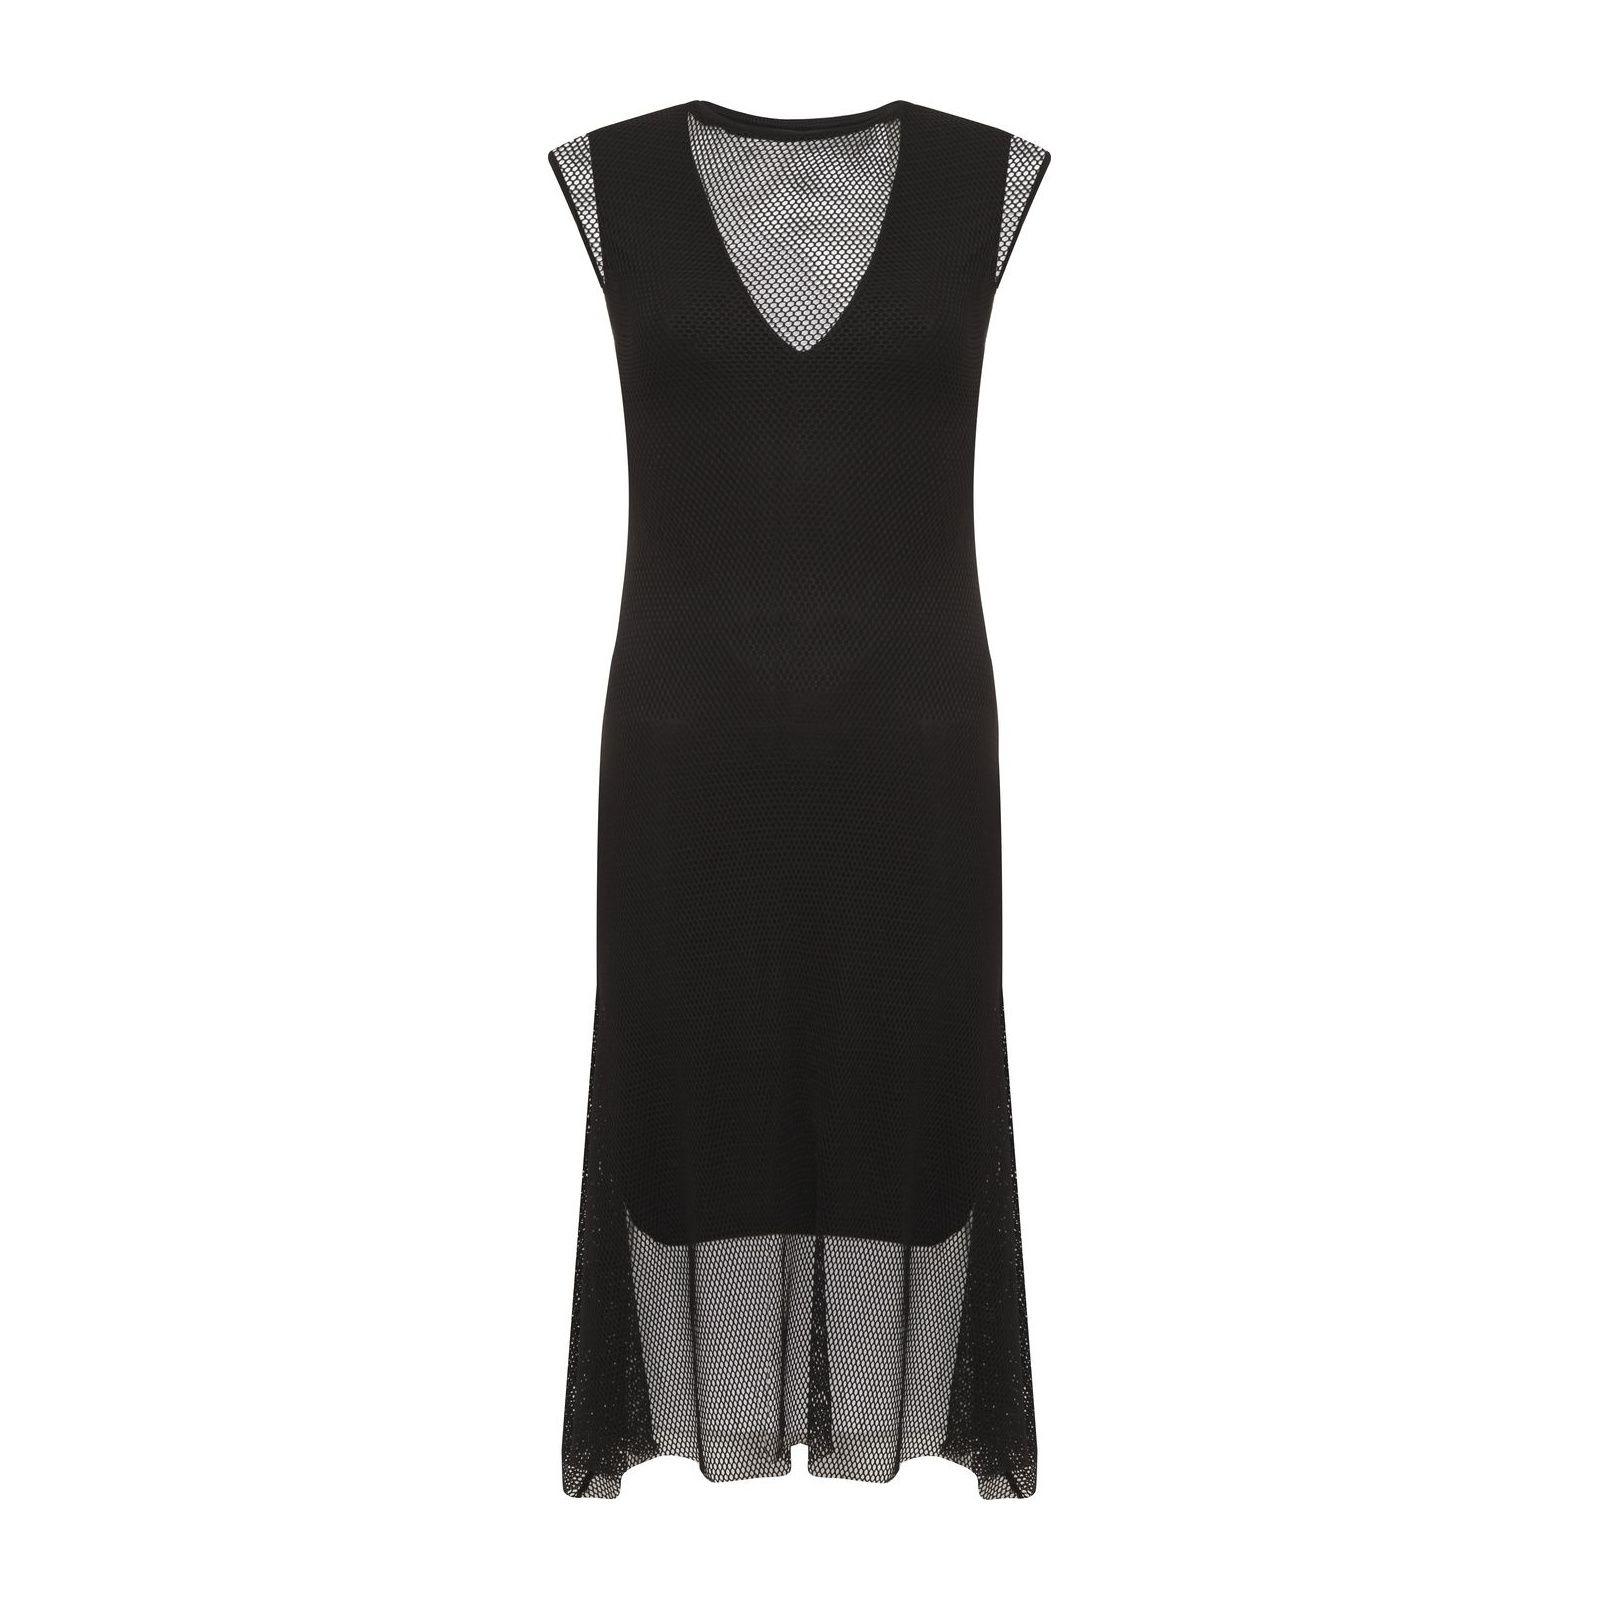 Vestido Tela Mídi - Preto